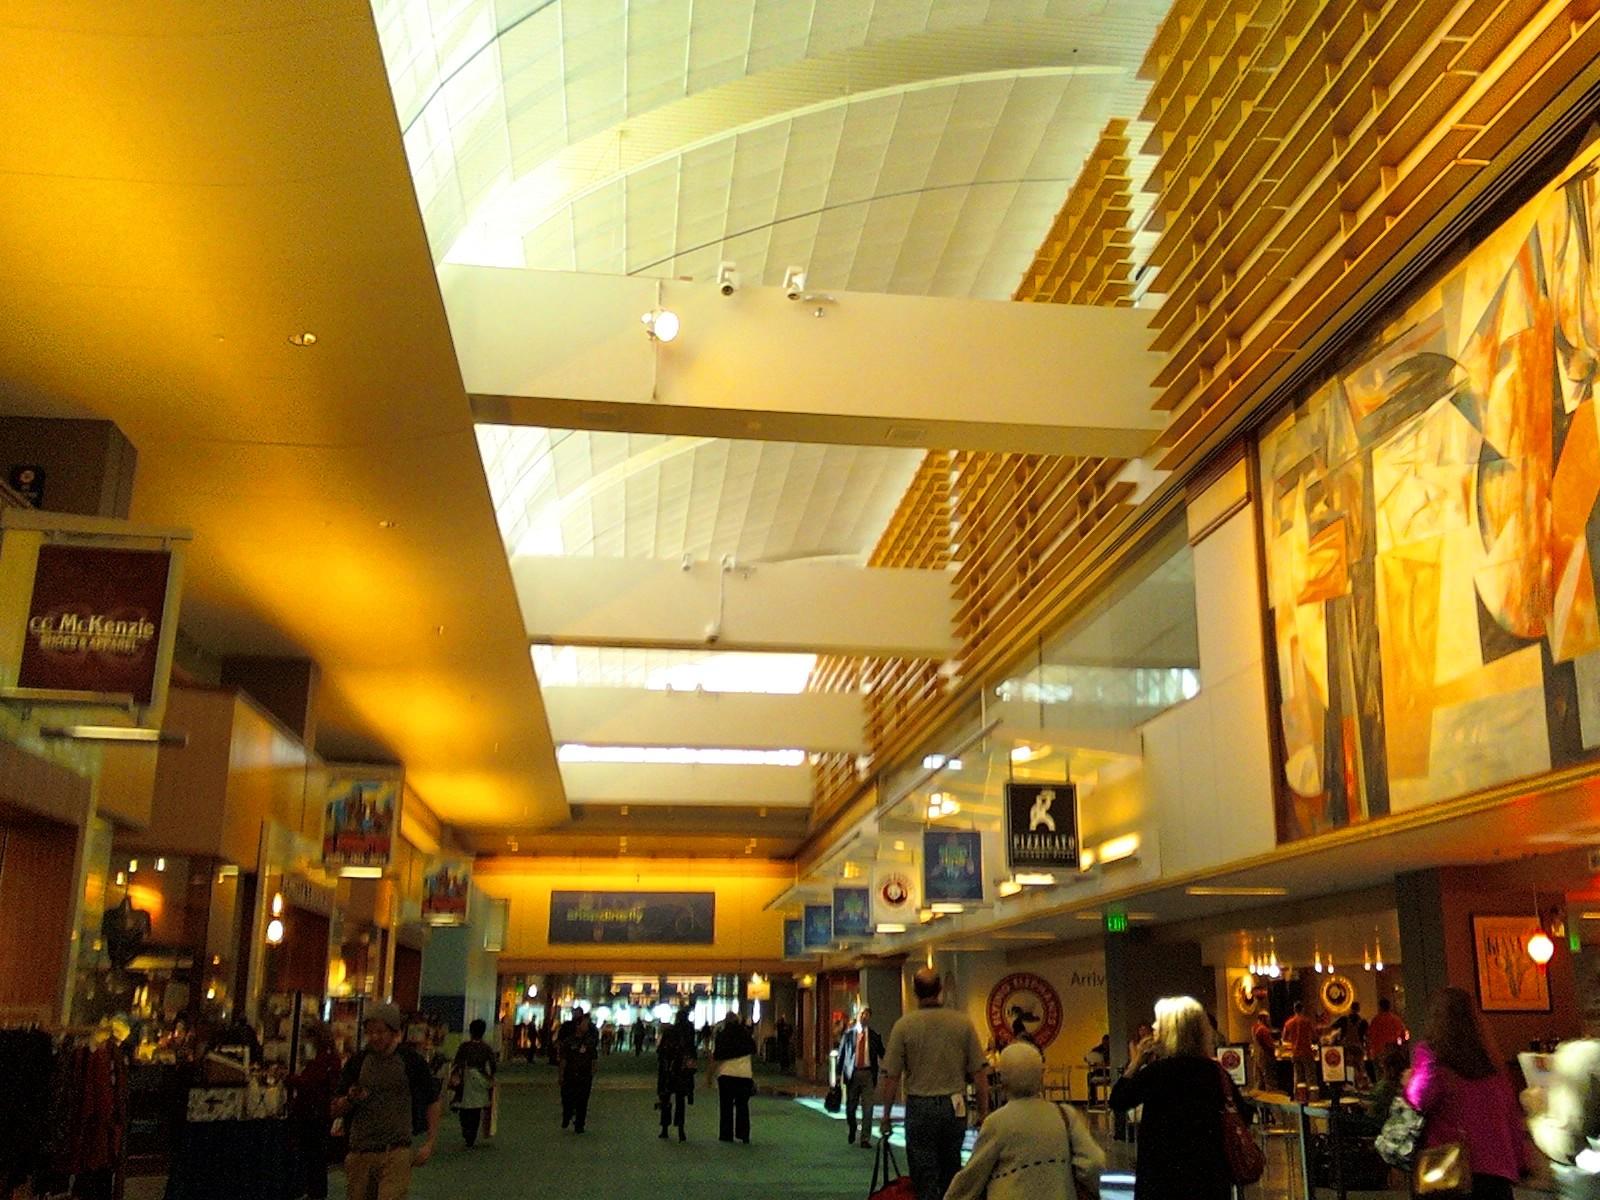 Bên trong khuôn viên sân bay quốc tế Portland